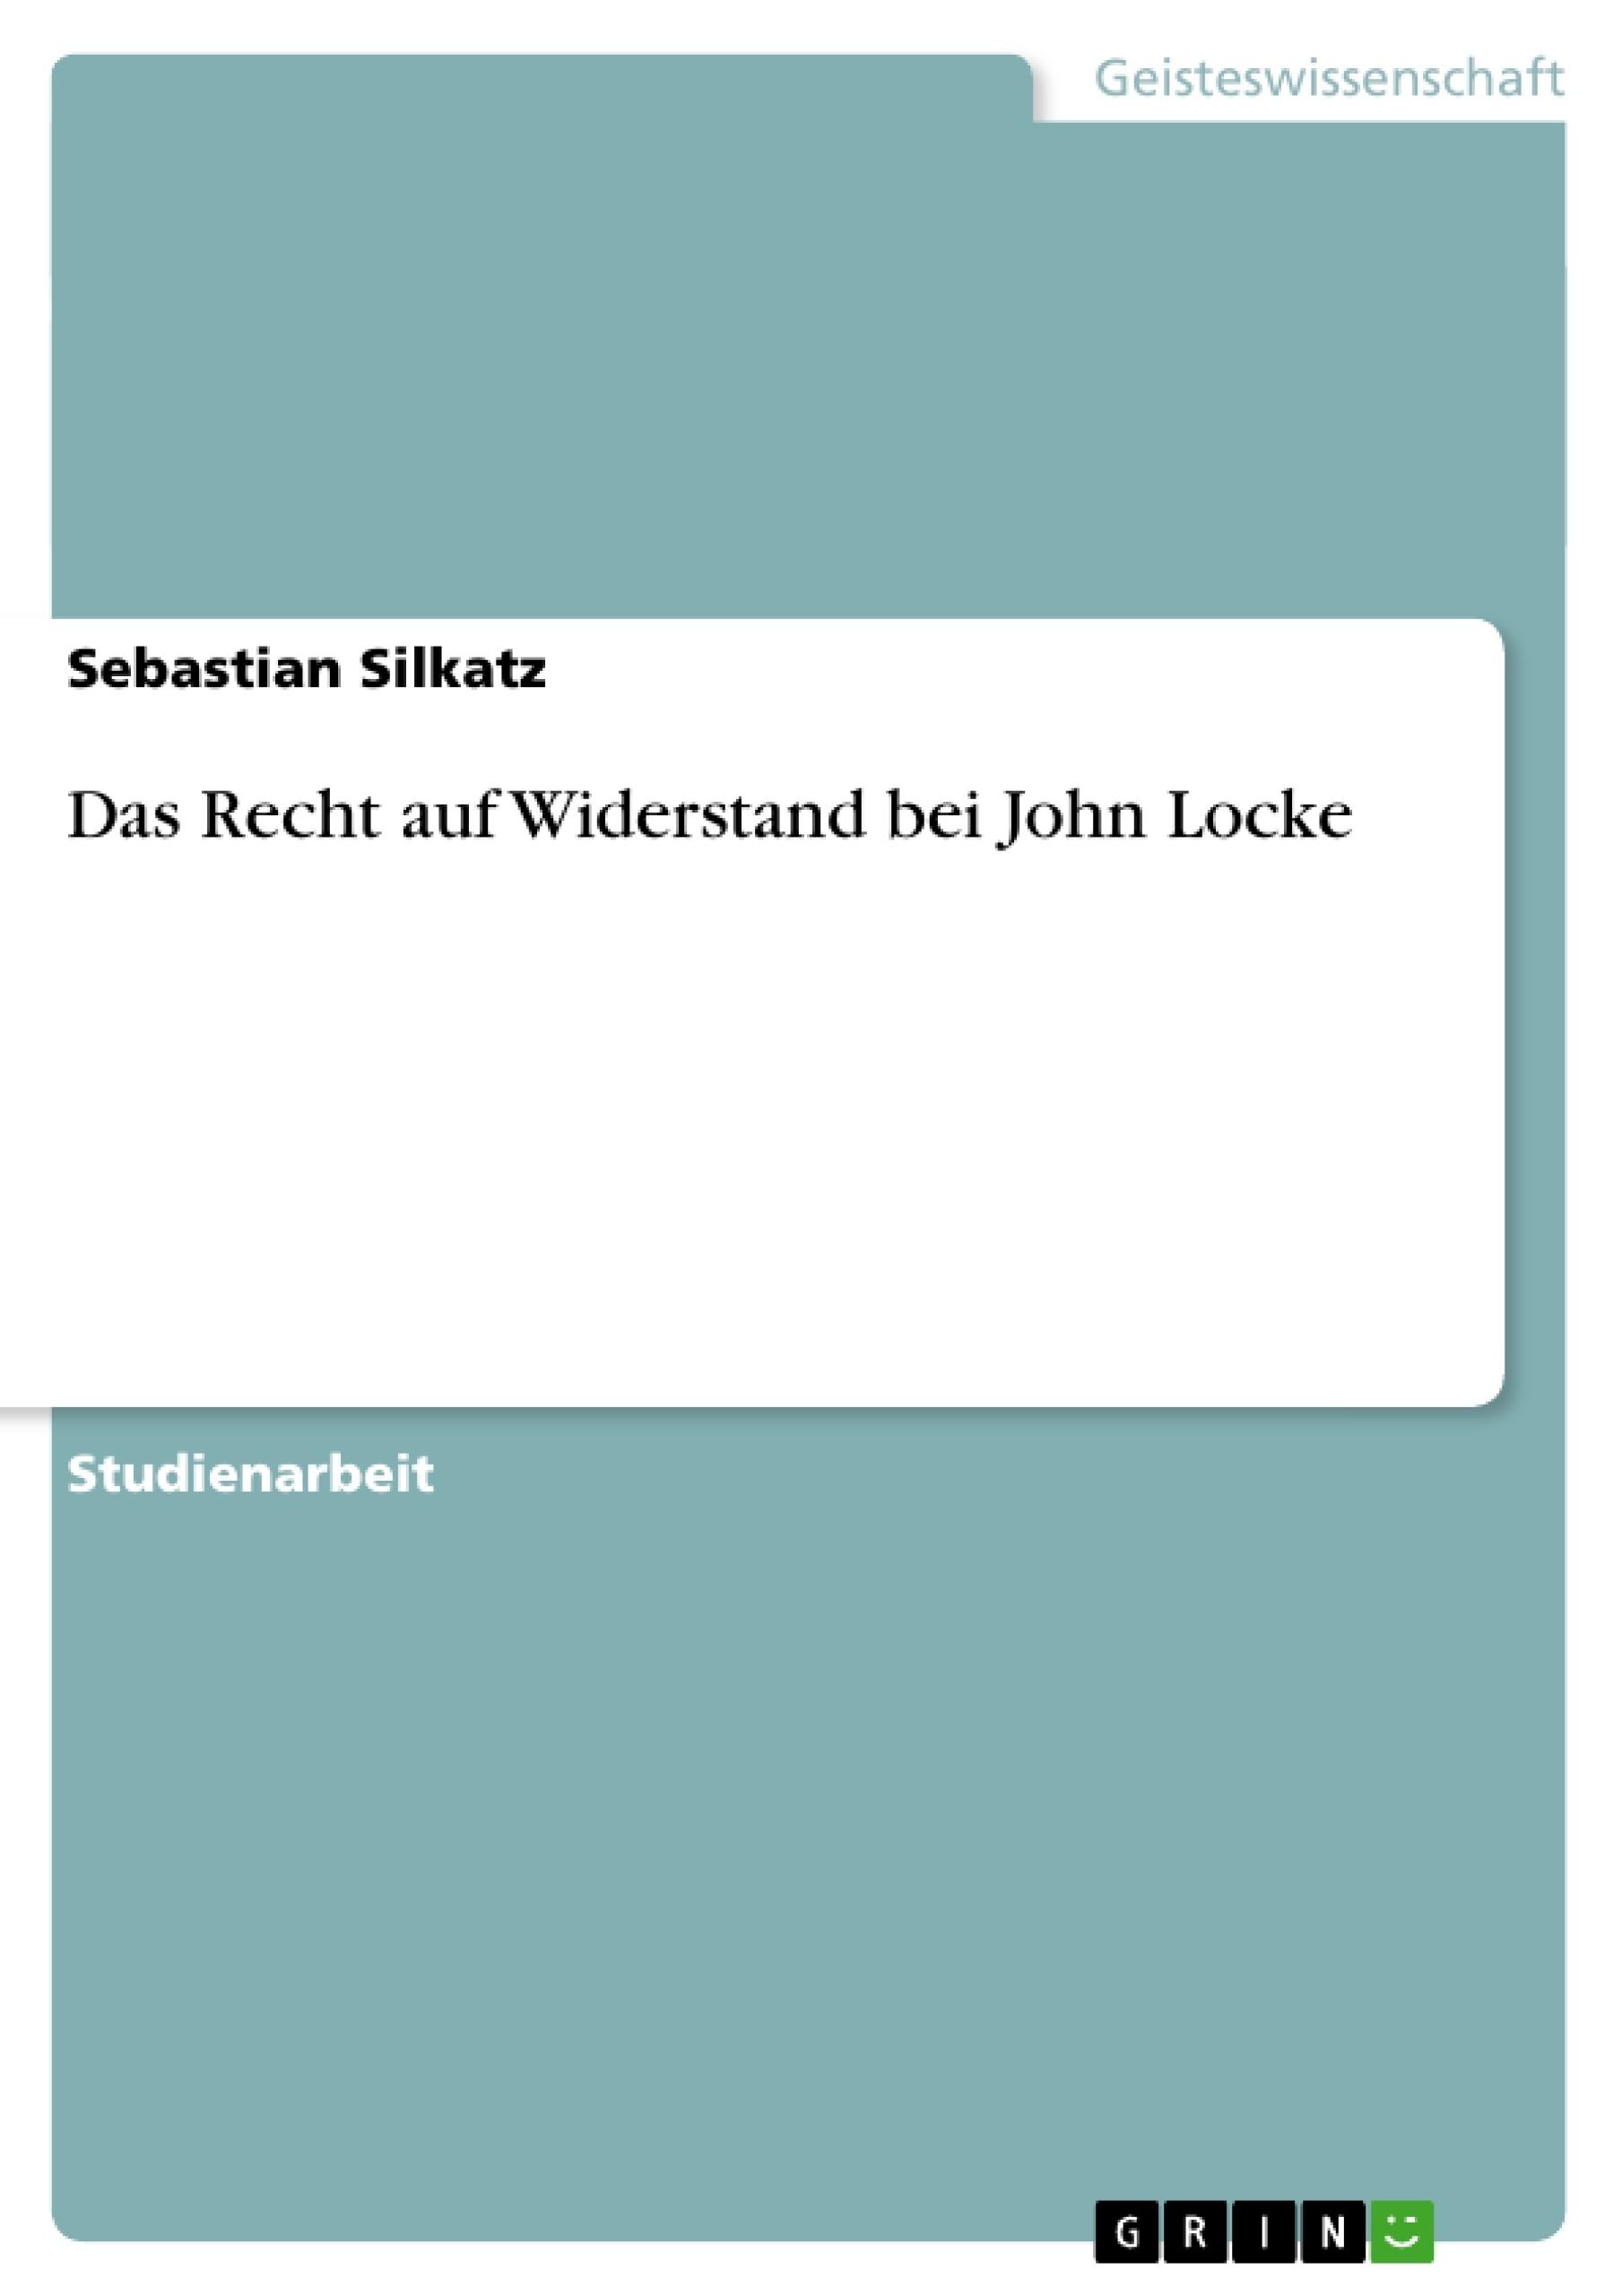 Titel: Das Recht auf Widerstand bei John Locke